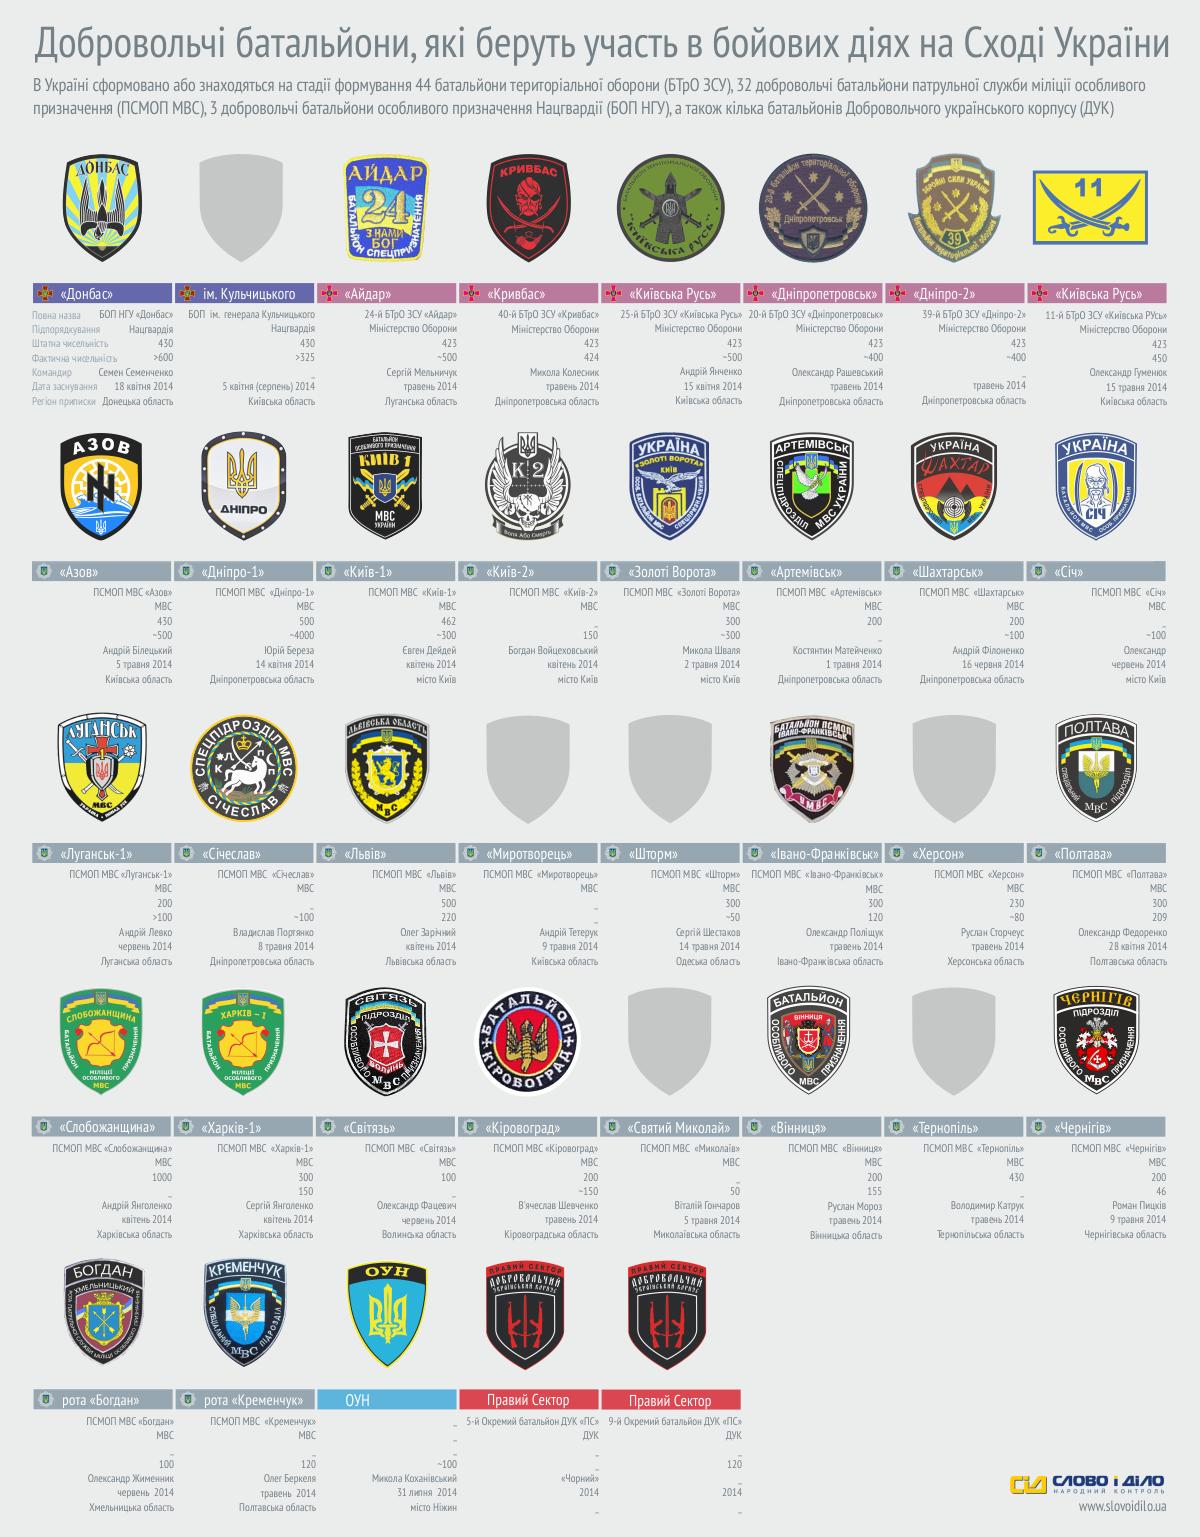 Перемирие на Донбассе требует авторитетного контроля, - генсек ООН - Цензор.НЕТ 5803